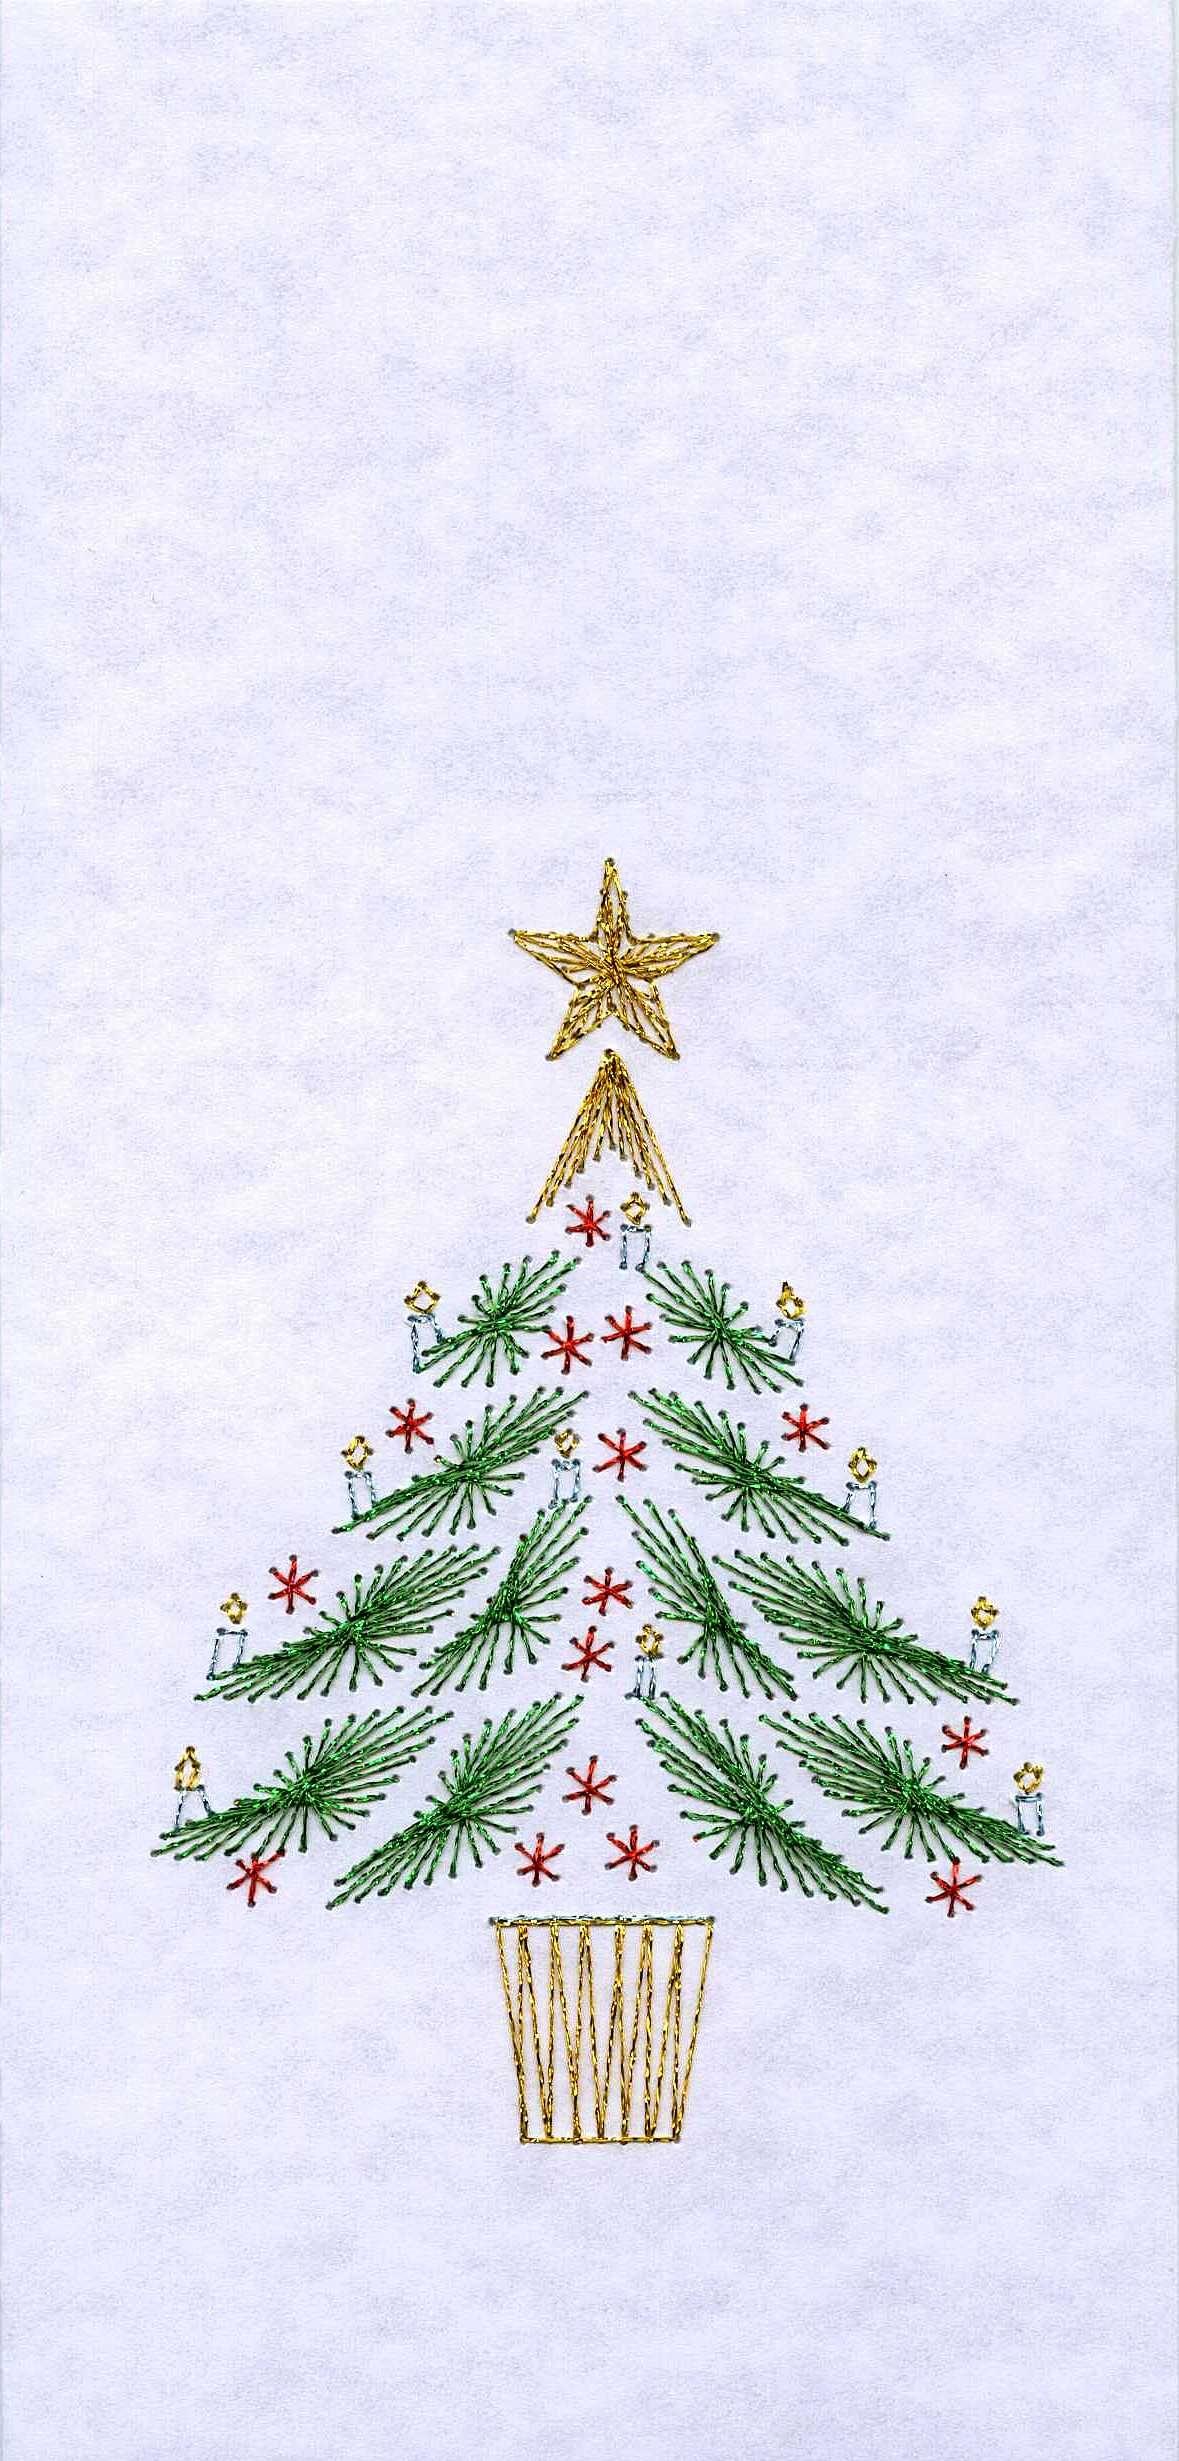 Haft Matematyczny Christmas Boze Narodzenie Christmas Cards Cards Embroidery